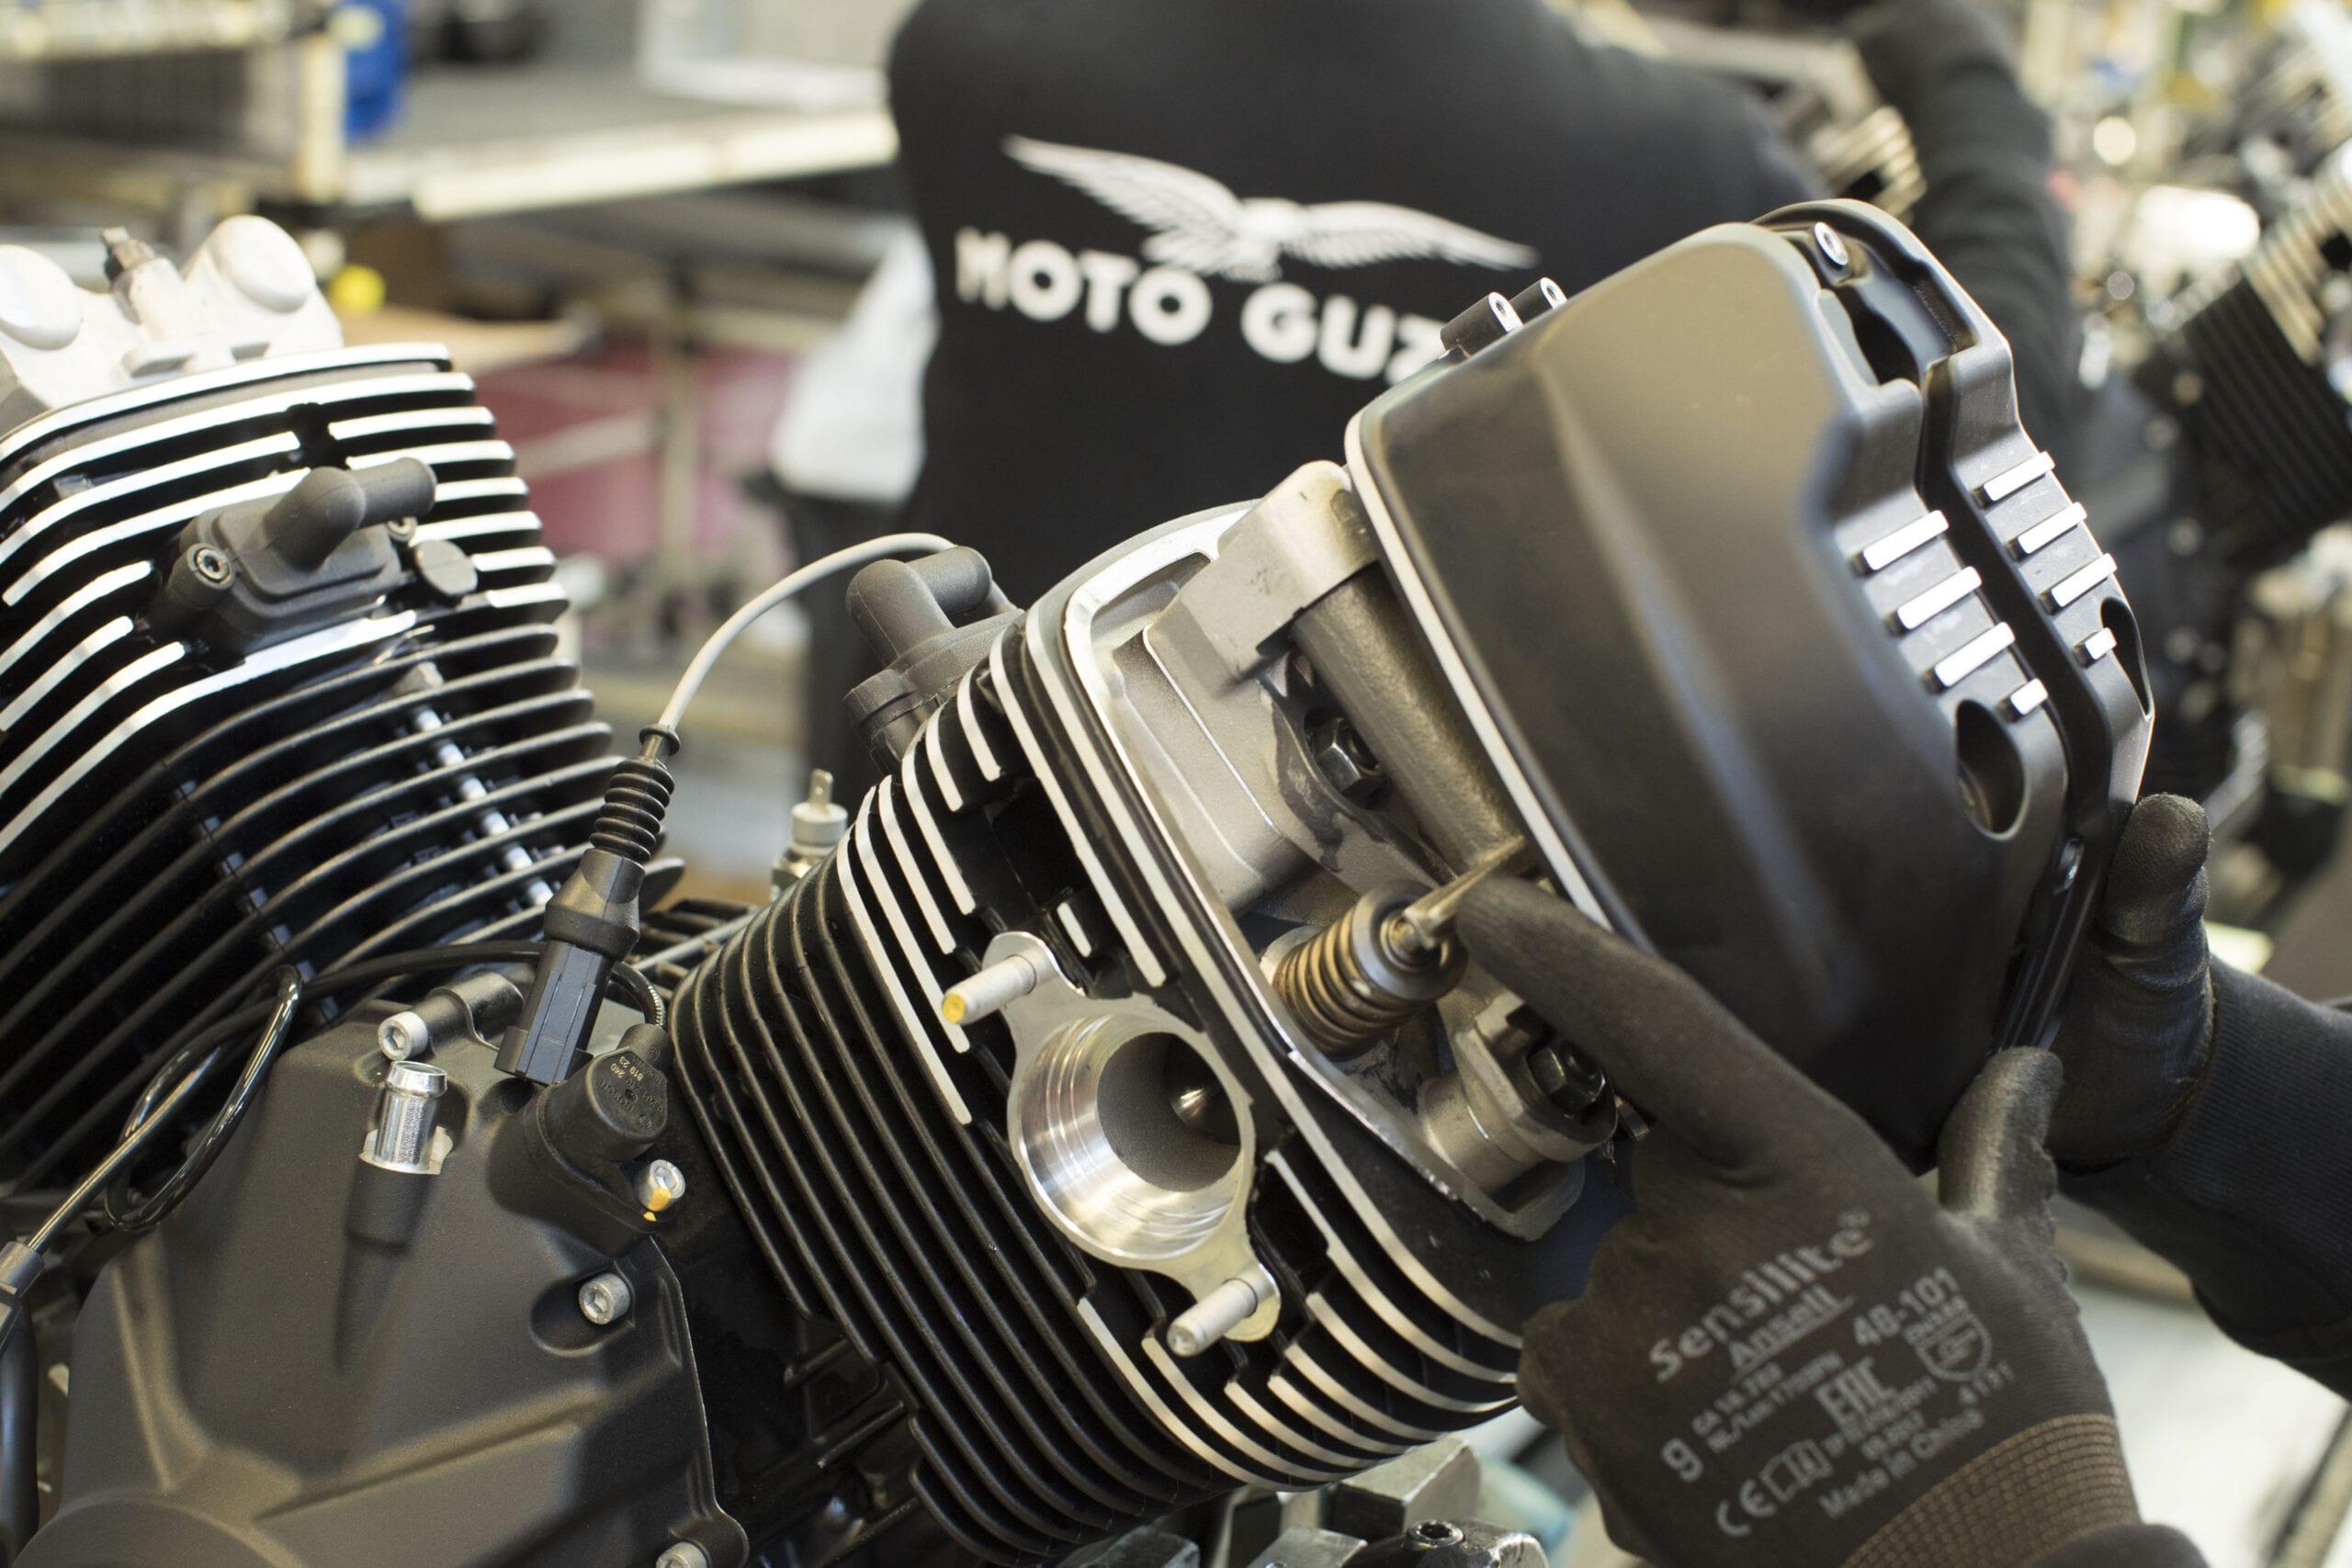 motoguzzi motor